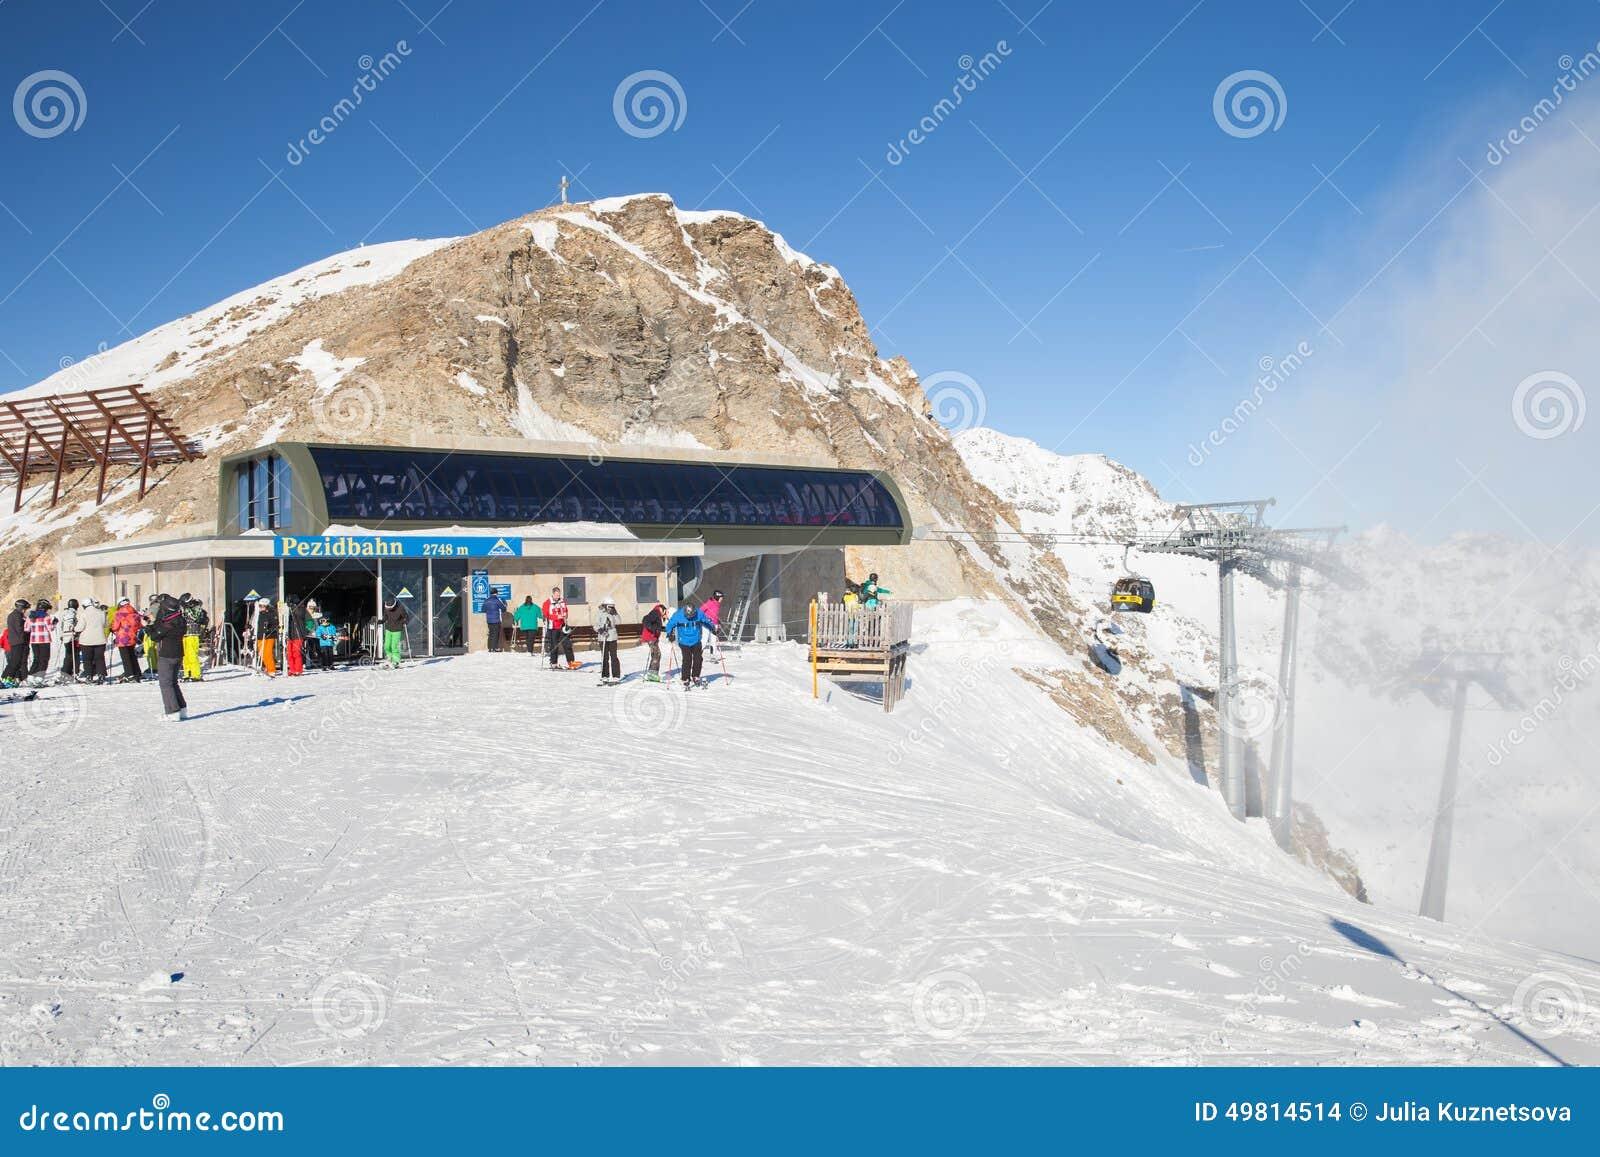 Stazione superiore della cabina di funivia di pezidbahn for Animali domestici della cabina di nashville